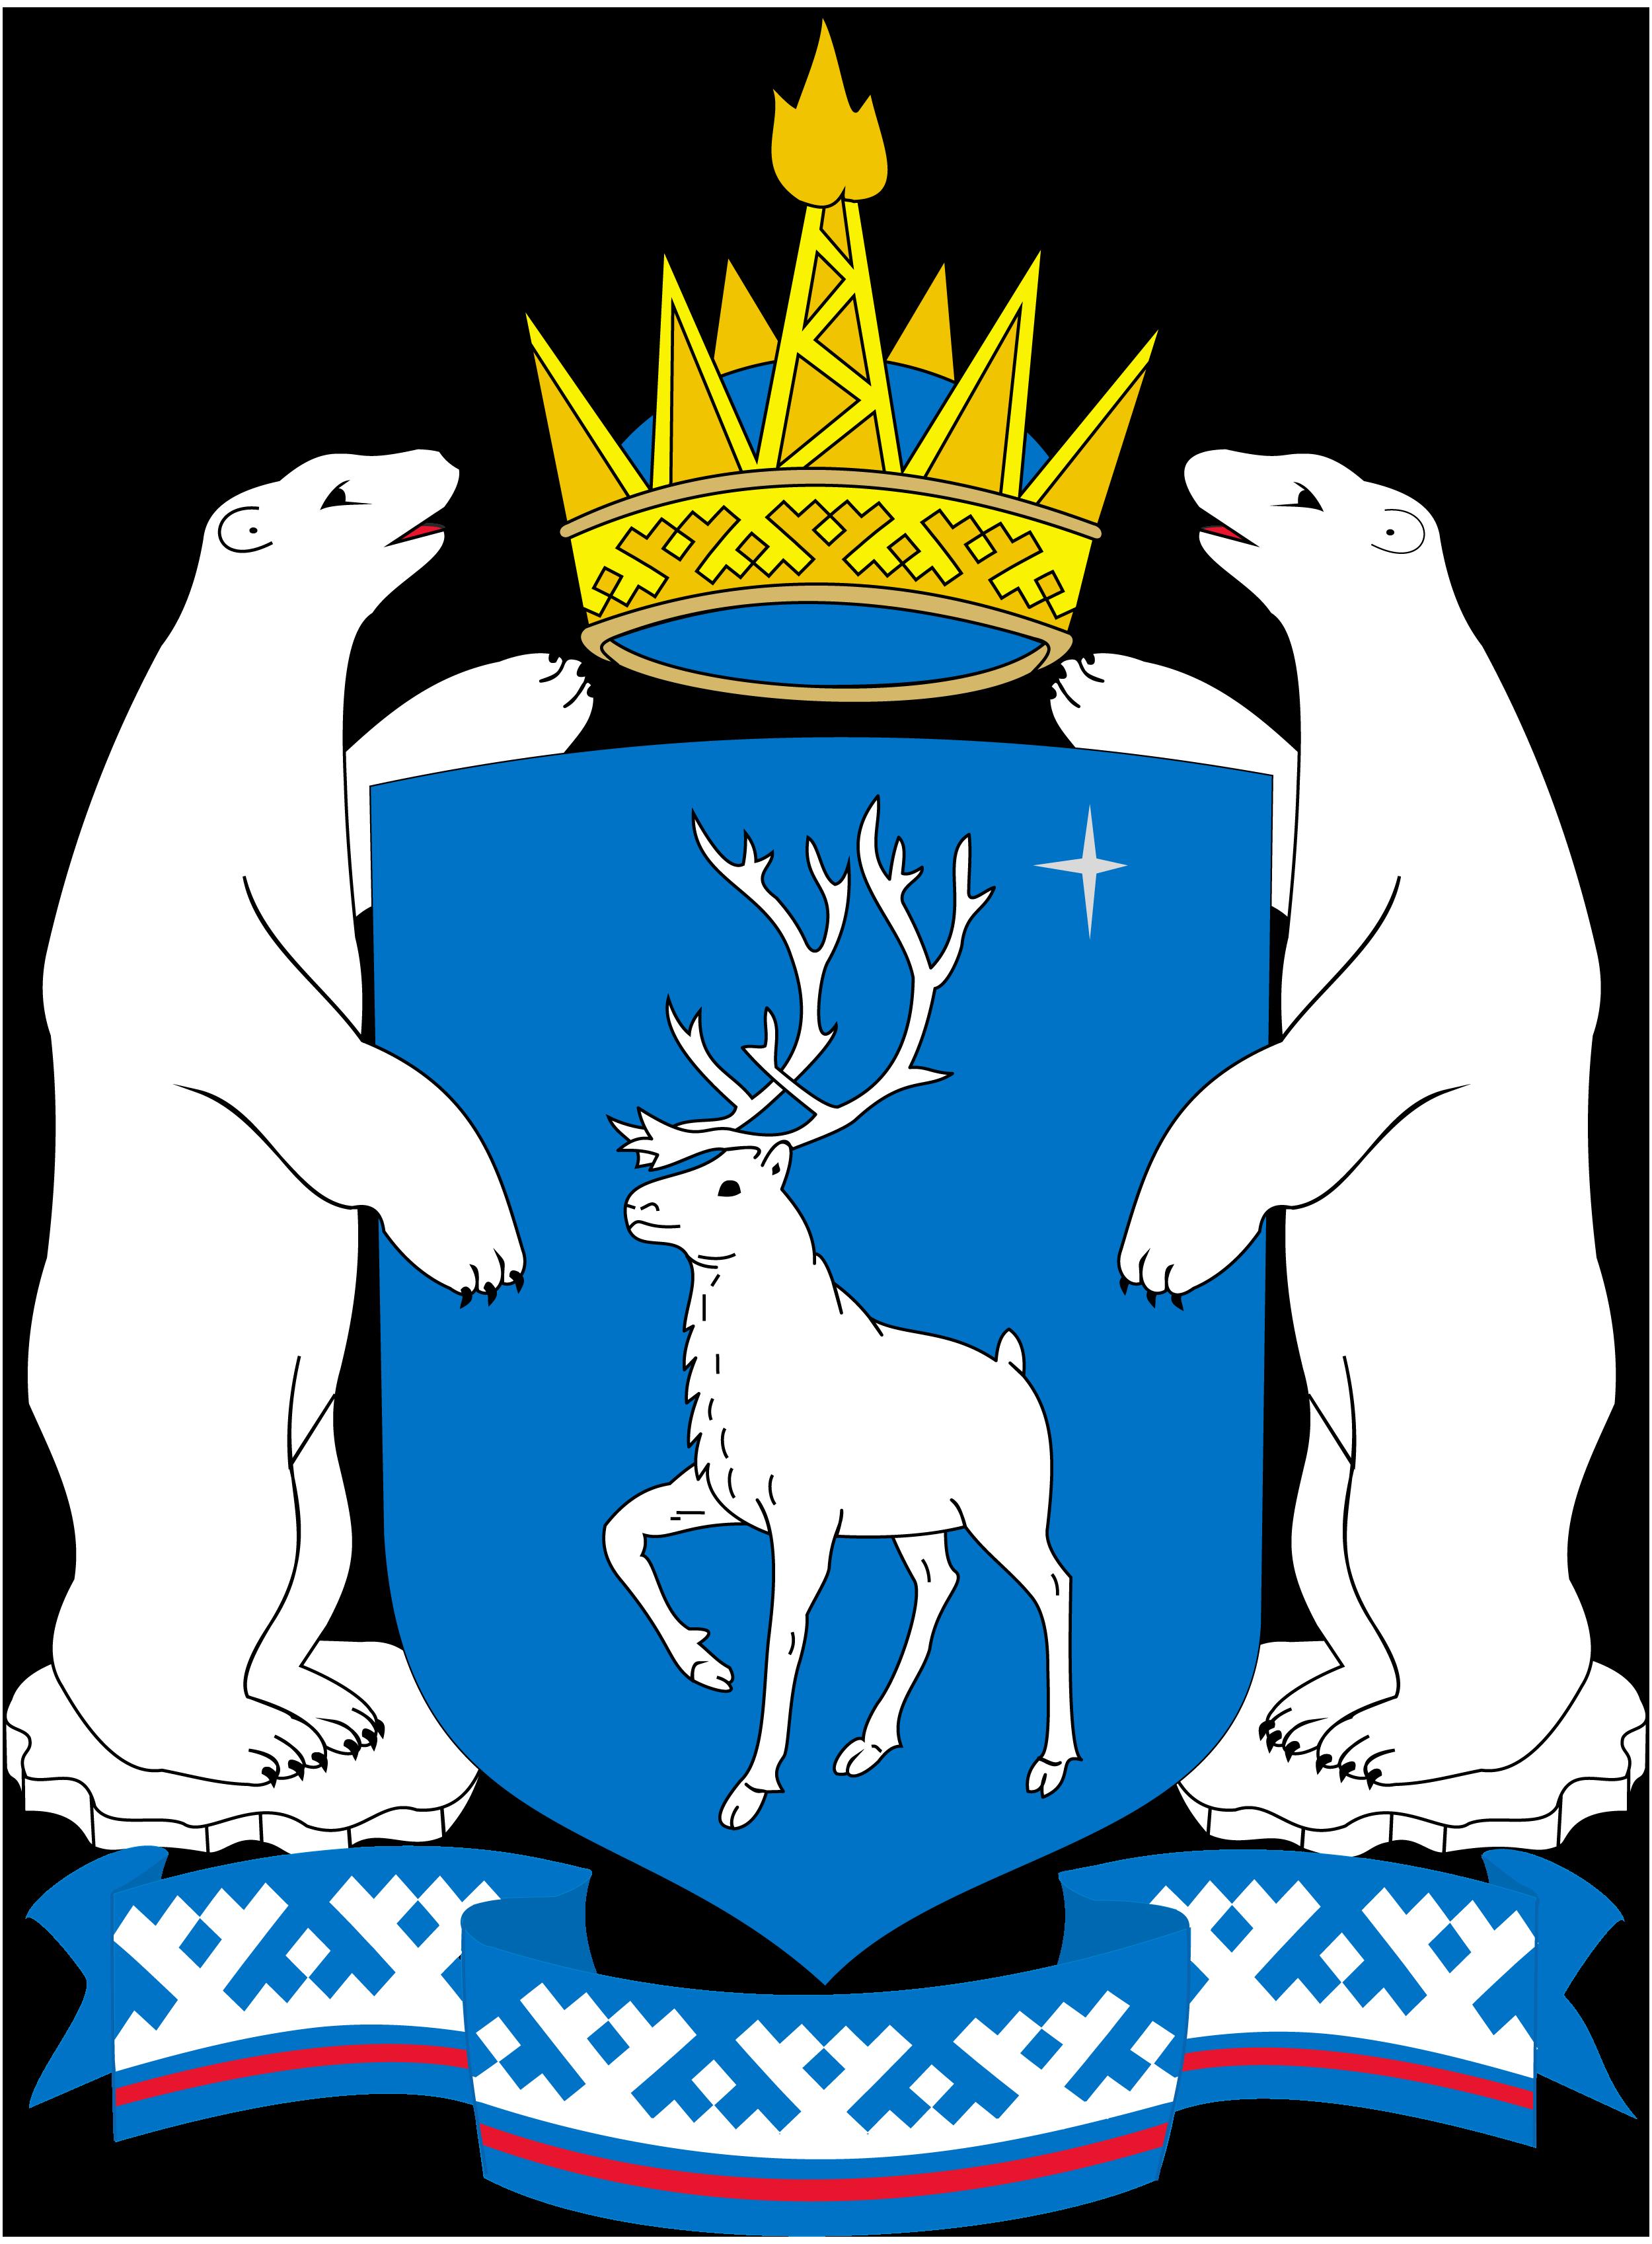 Интерактивный портал службы занятости населения Ямало-Ненецкого автономного округа